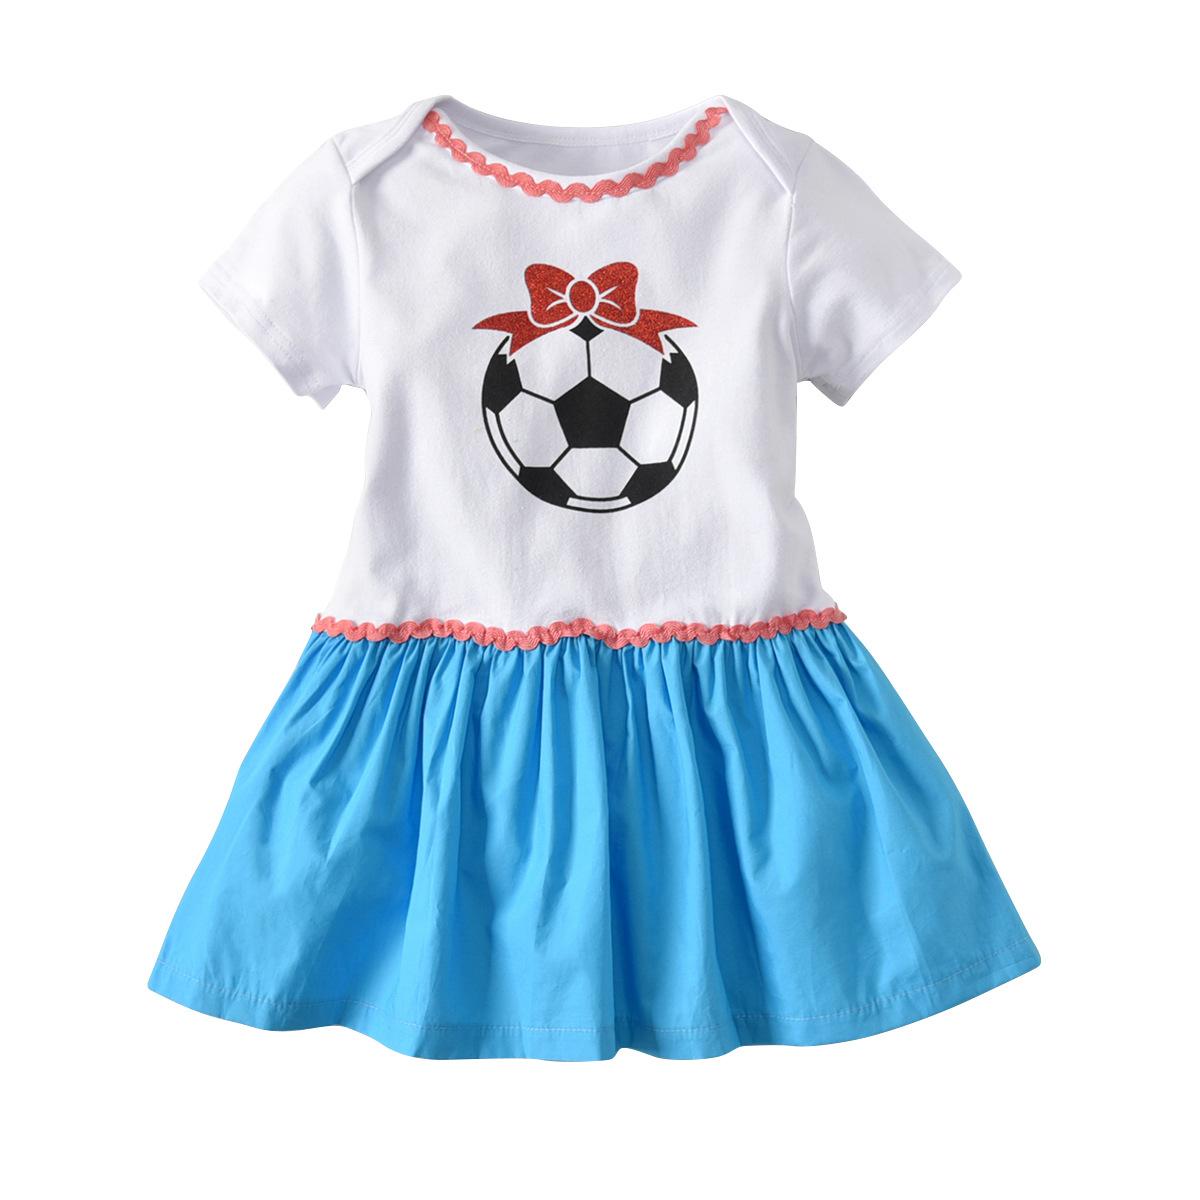 russisches fußballspiel des fußballs 2018 babyfußballdruck-kleidsommer  kindbuchstabe-prinzessinkleid kinderkleidung 2 farben geben verschiffen frei